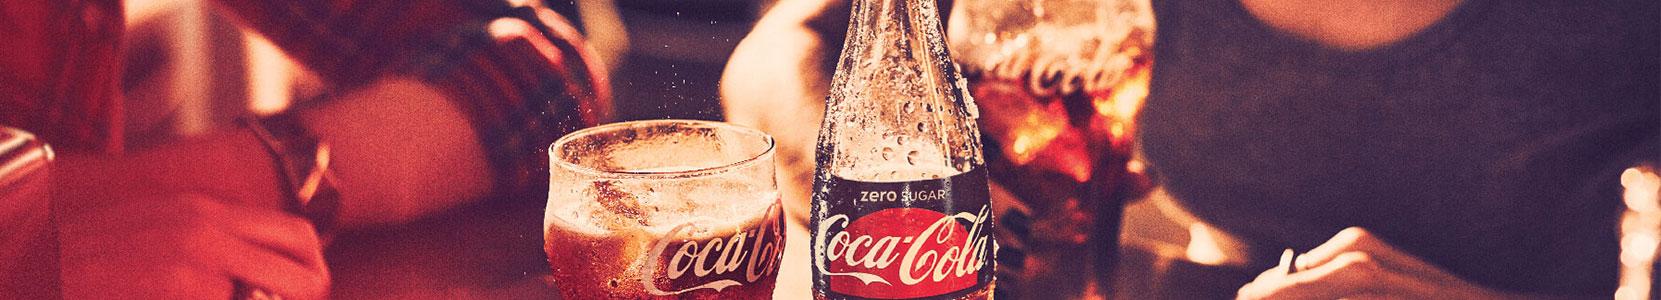 coca-cola-herfst-2017